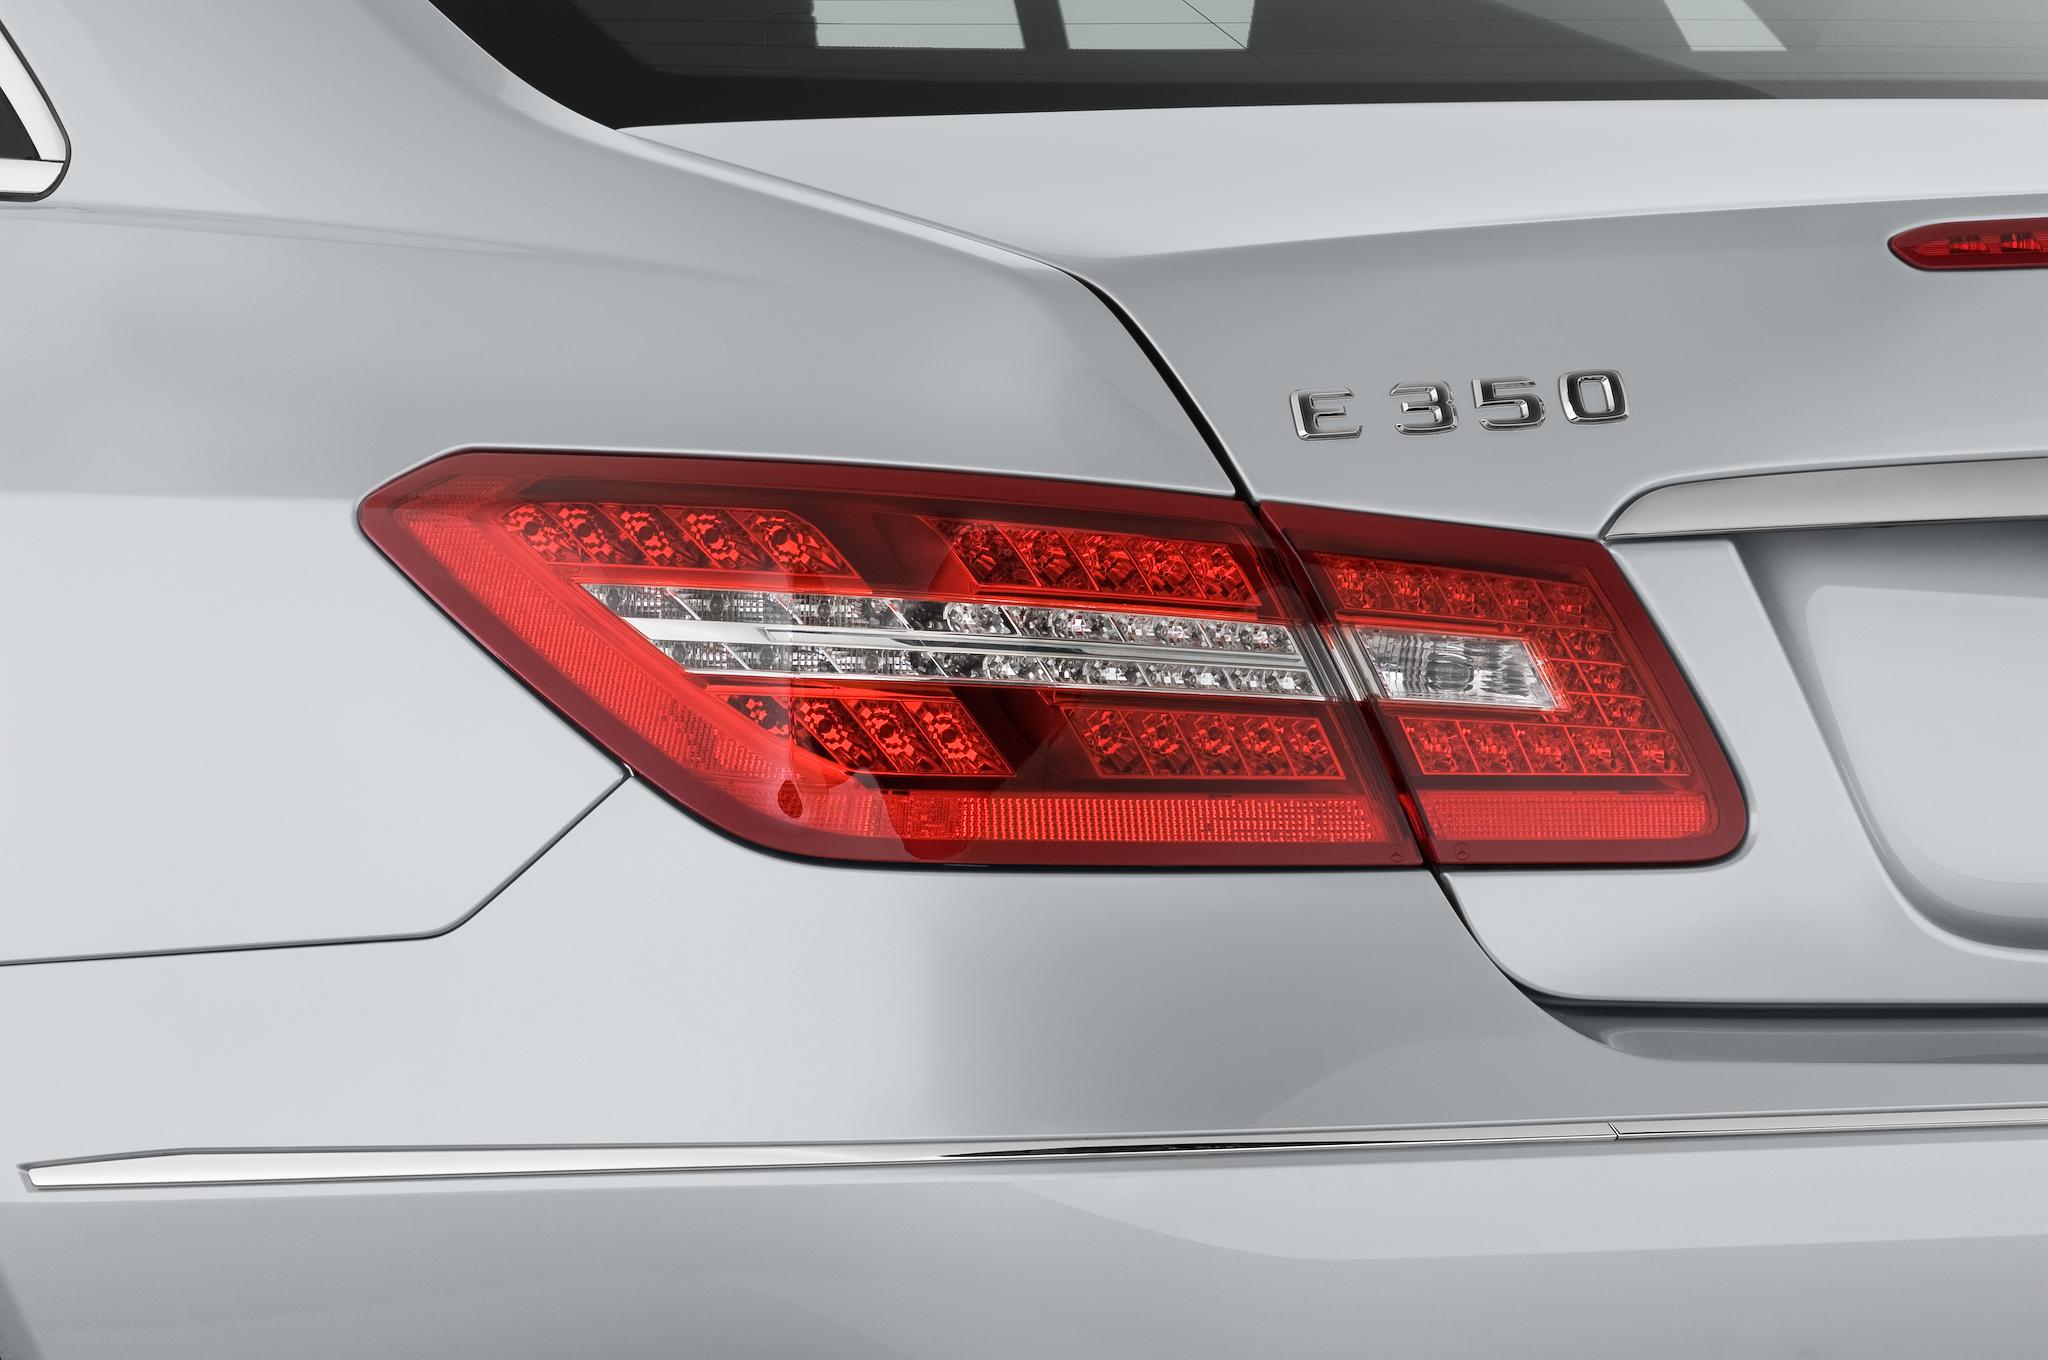 Mercedes-Benz E-Class: Braking